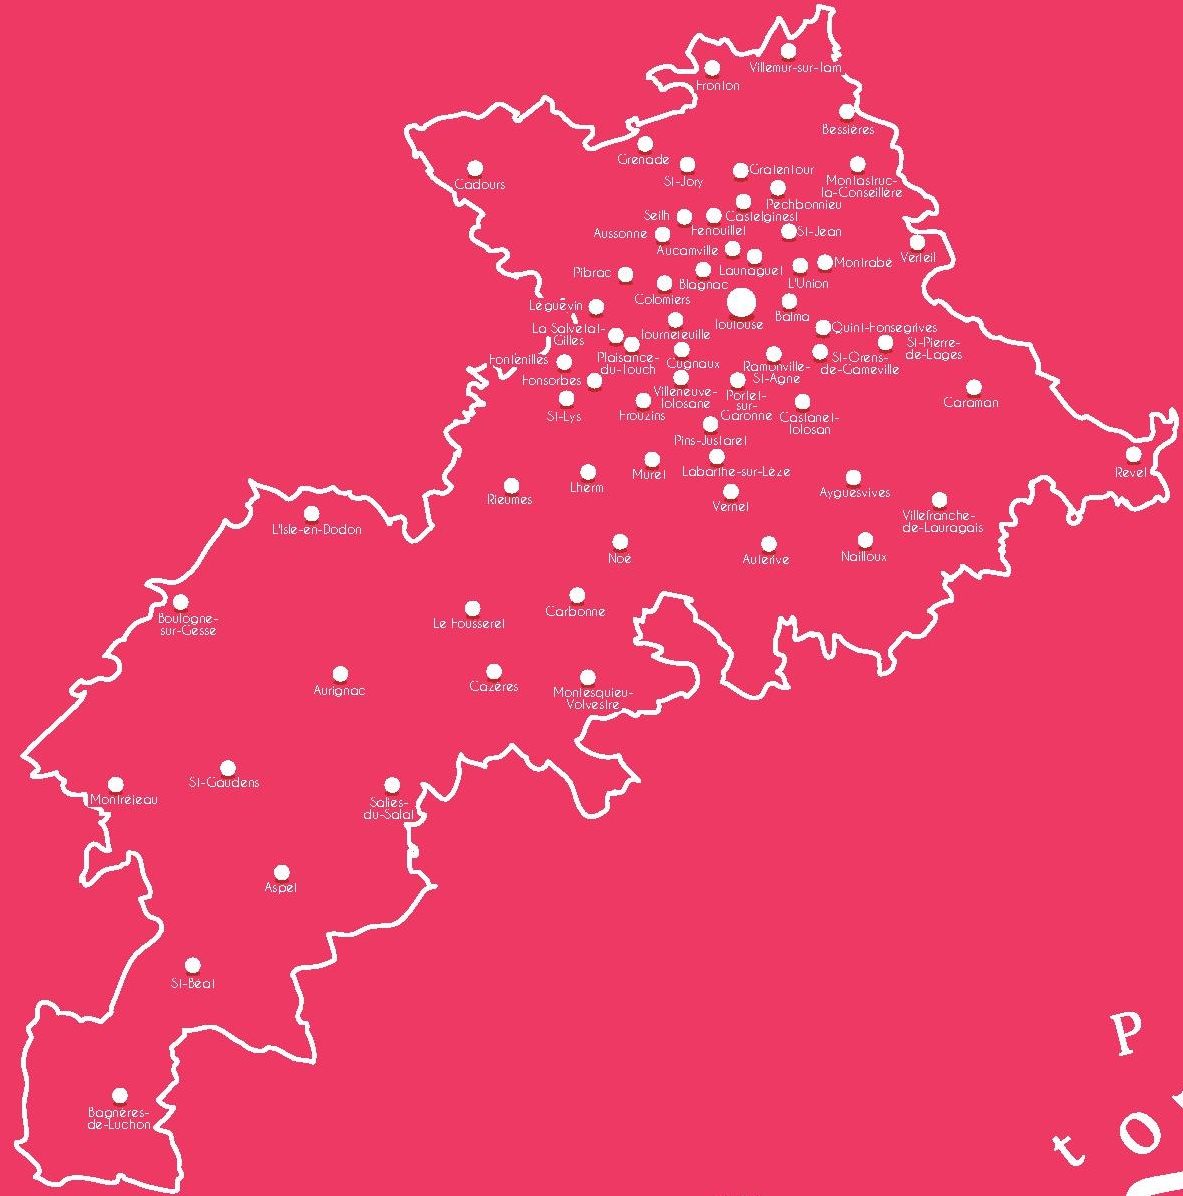 Carte des collèges ciblés par LE&C GS